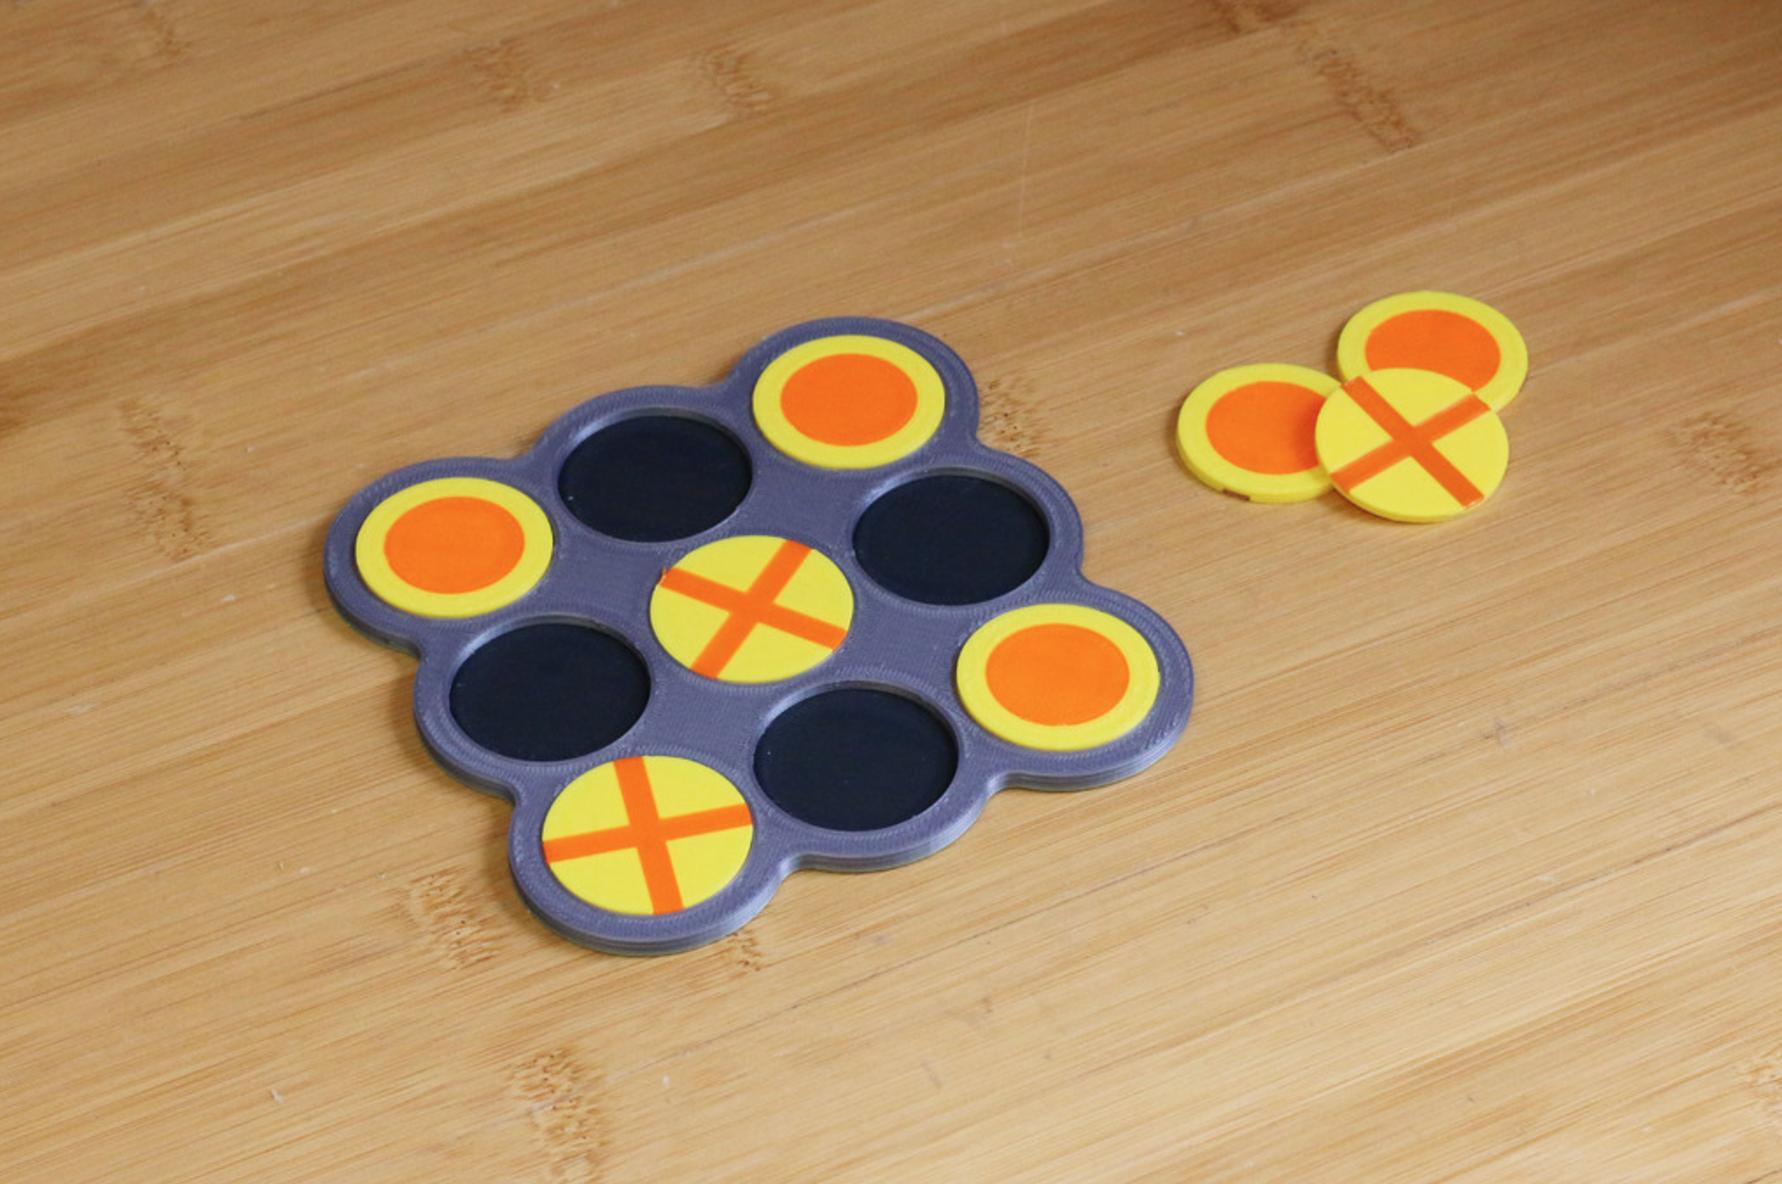 Multi-Color Tic-Tac-Toe.png Télécharger fichier STL gratuit Tic-Tac-Toe multicolore • Plan pour imprimante 3D, MosaicManufacturing